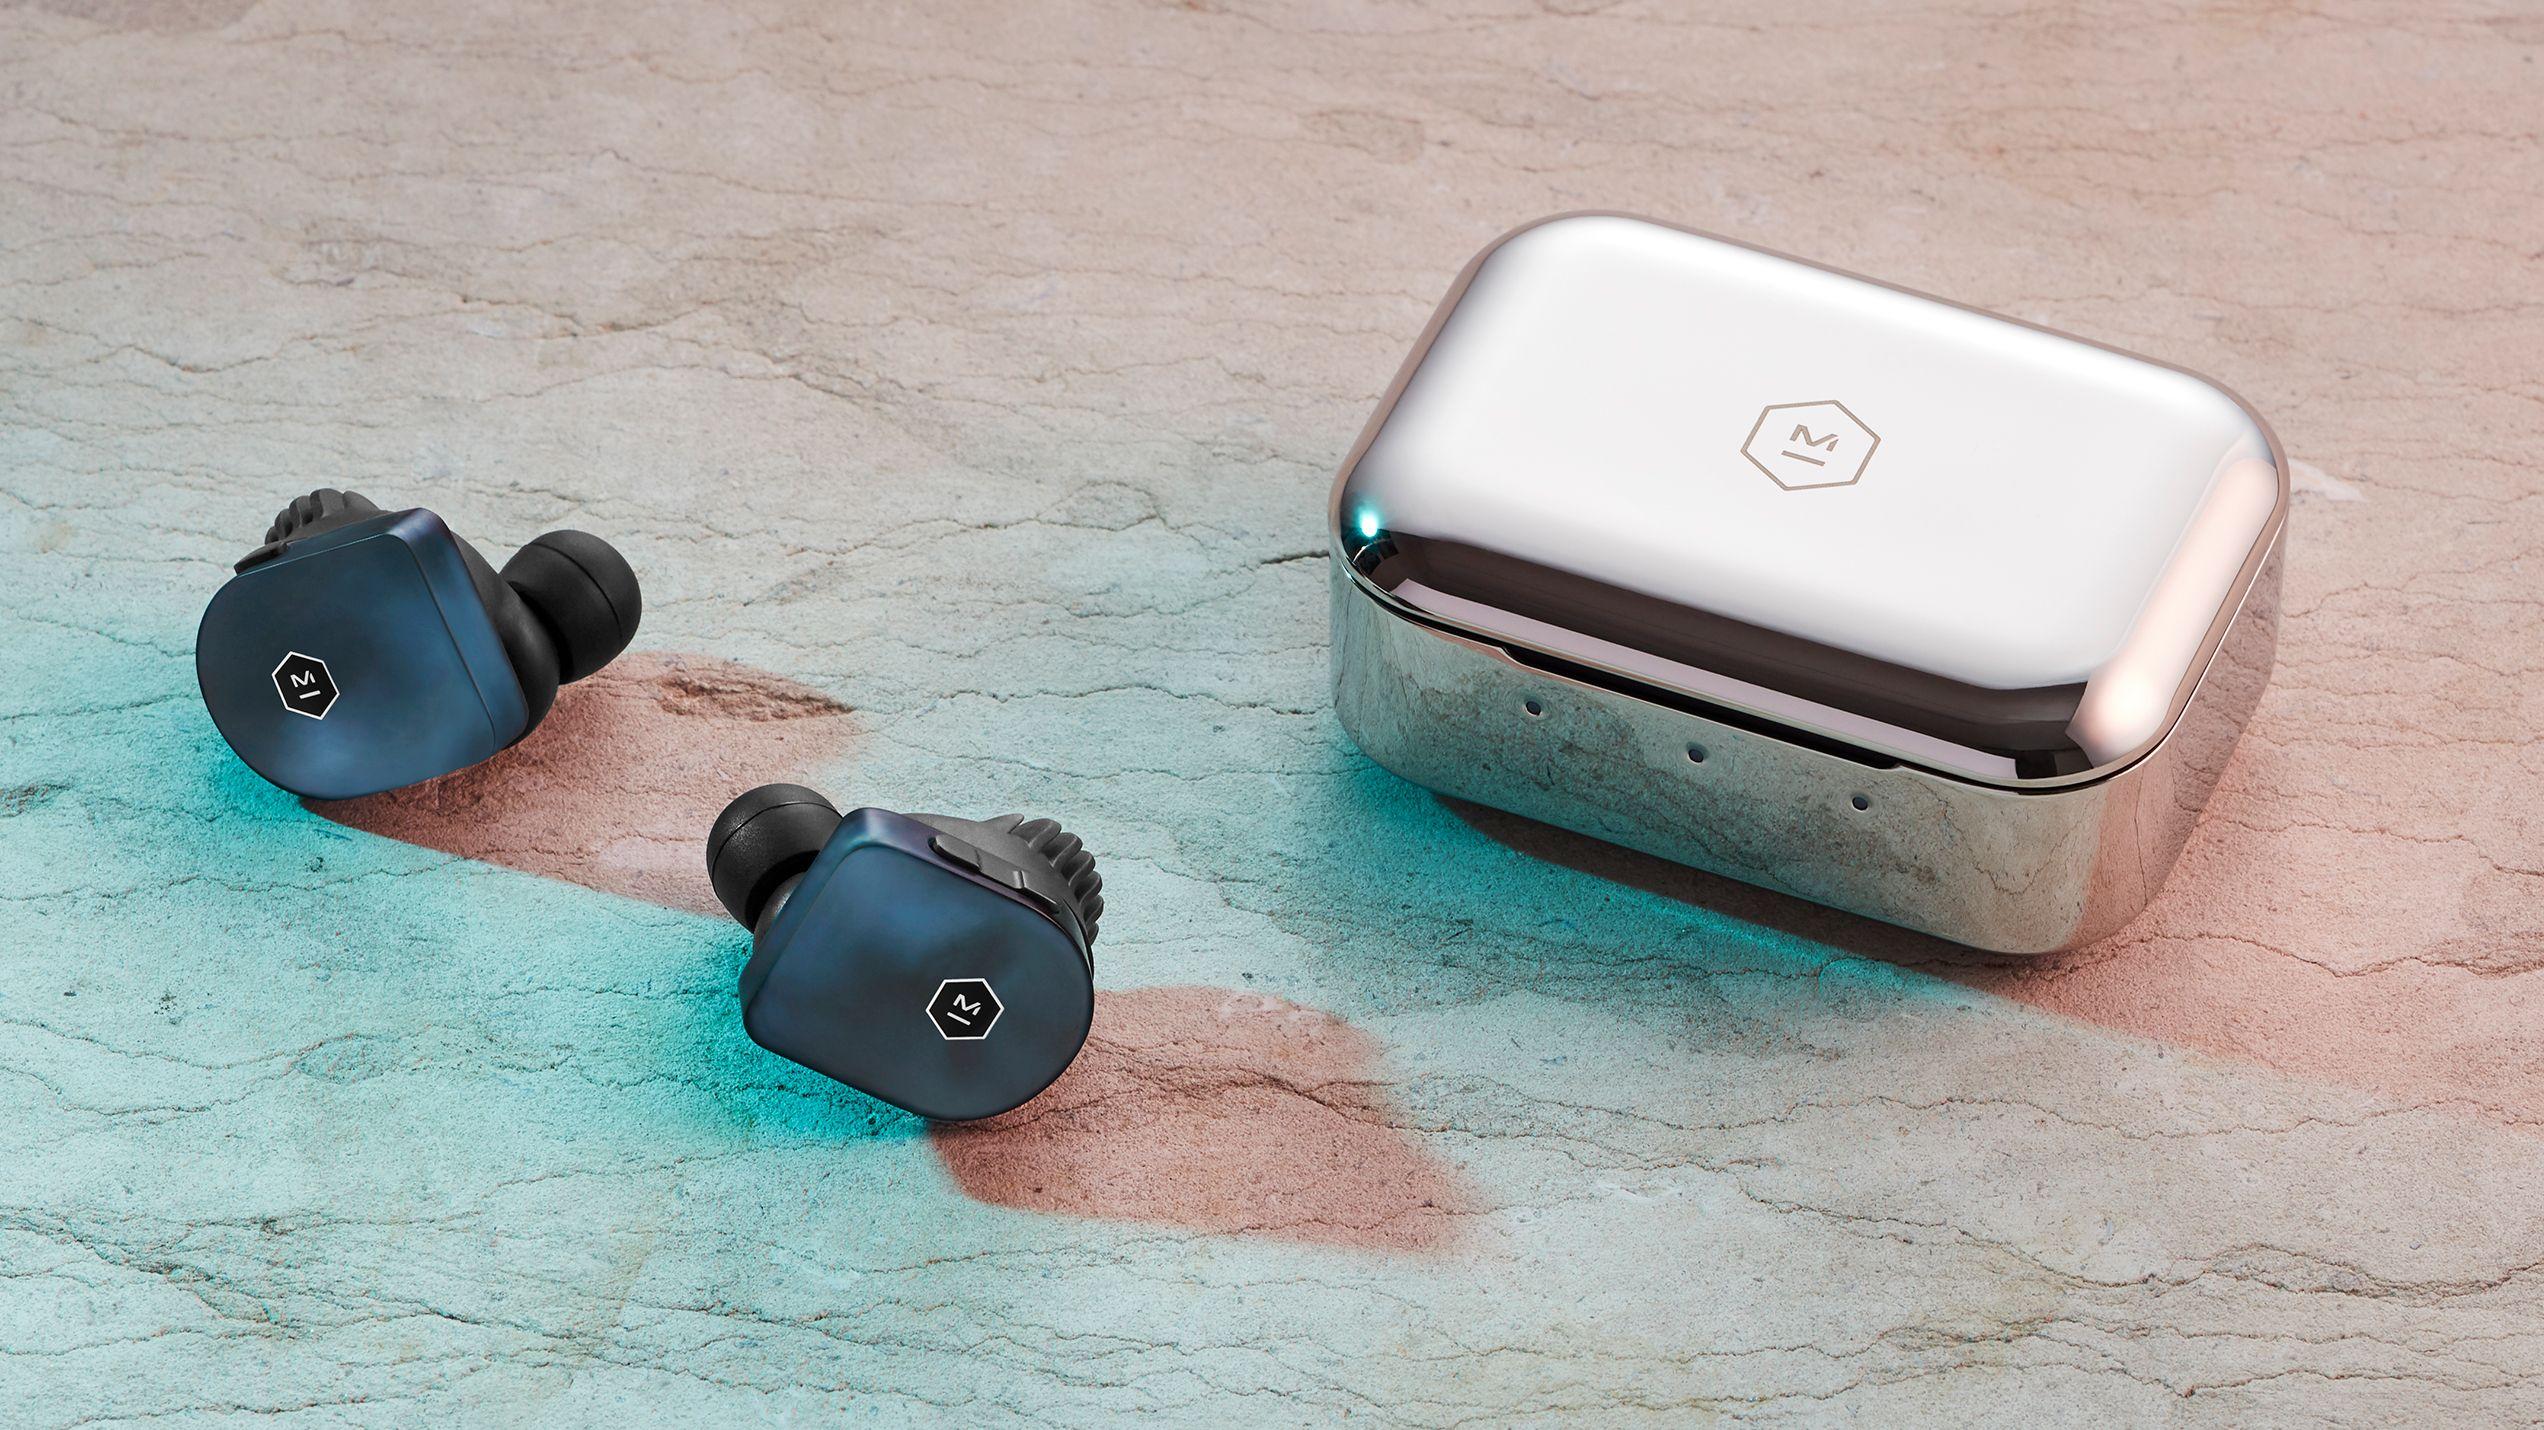 19e45266ac9 10 Best Wireless Earbuds of 2019 - Truly Wireless Earbud & Earphone Reviews